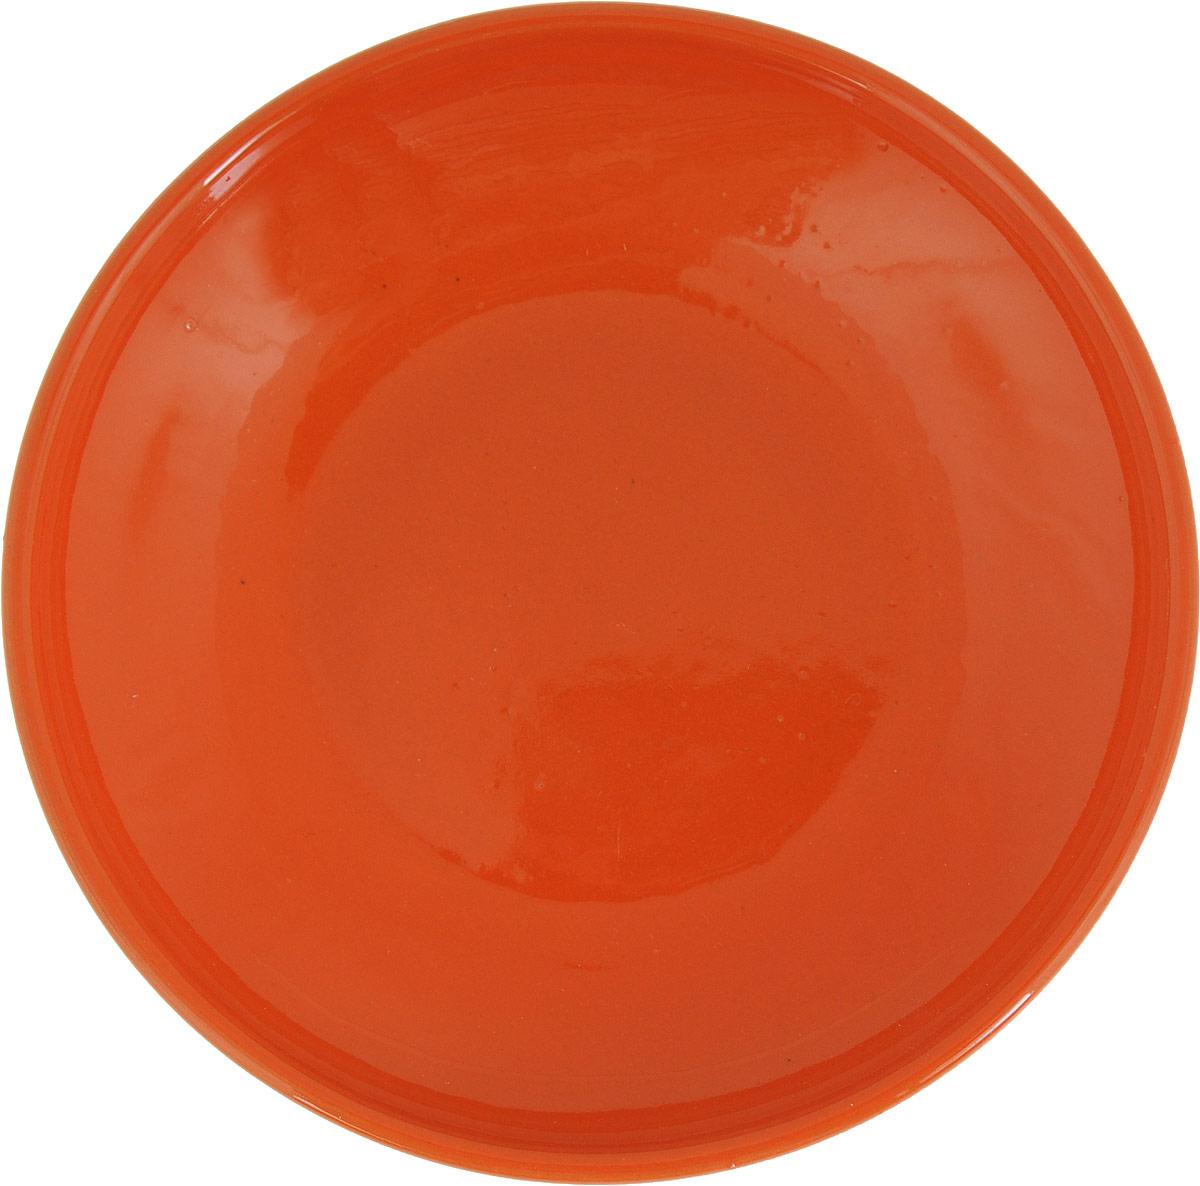 """Блюдце Борисовская керамика """"Радуга"""", цвет: оранжевый, диаметр 10 см"""